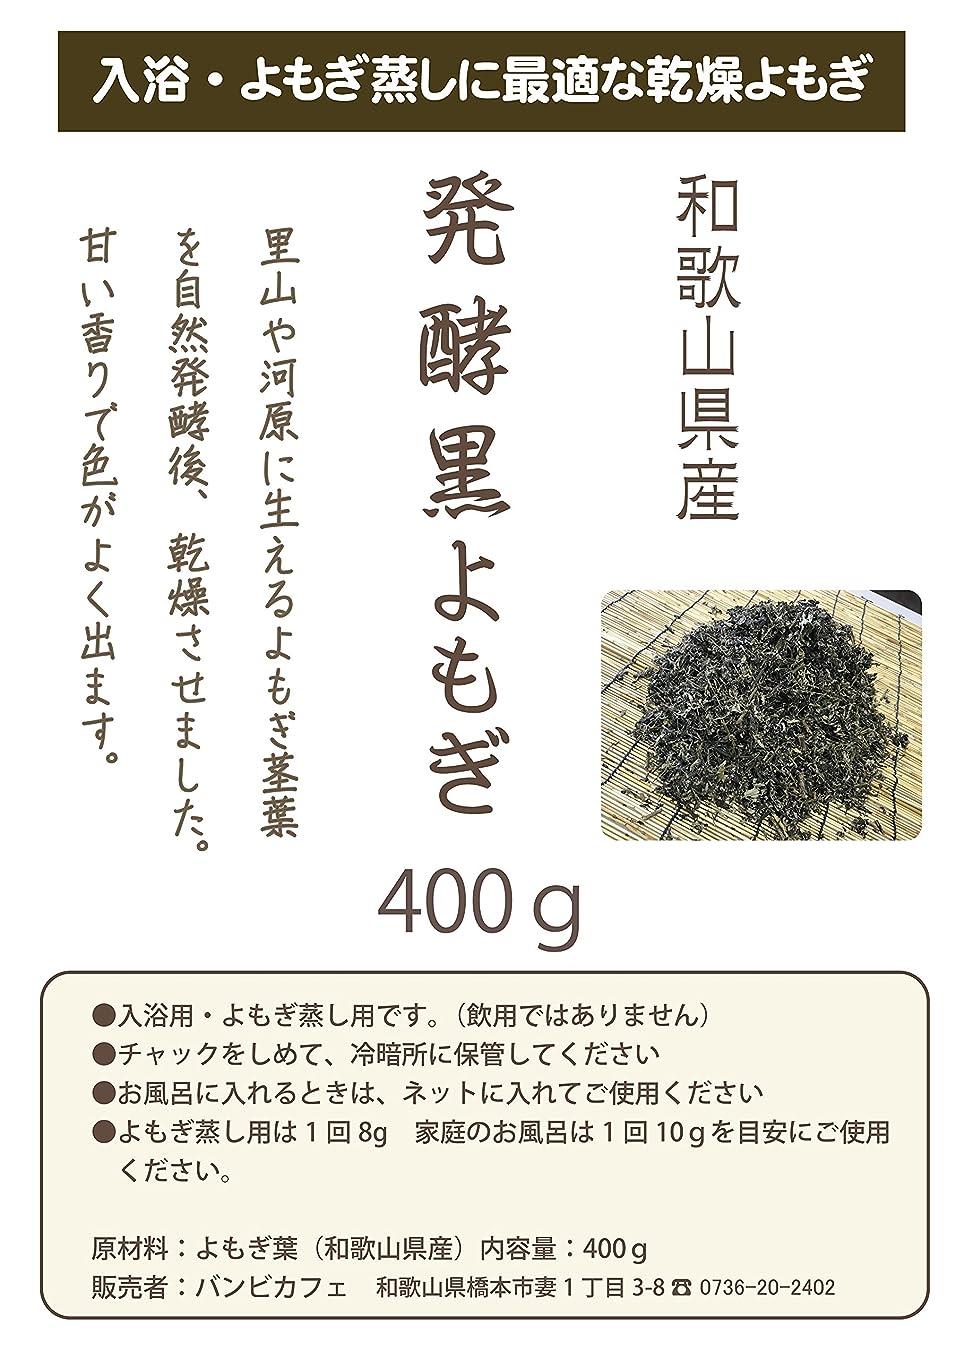 後方なかなかなので発酵黒よもぎ 400g 乾燥 和歌山県産 入浴用に特化発酵 黒 よもぎ